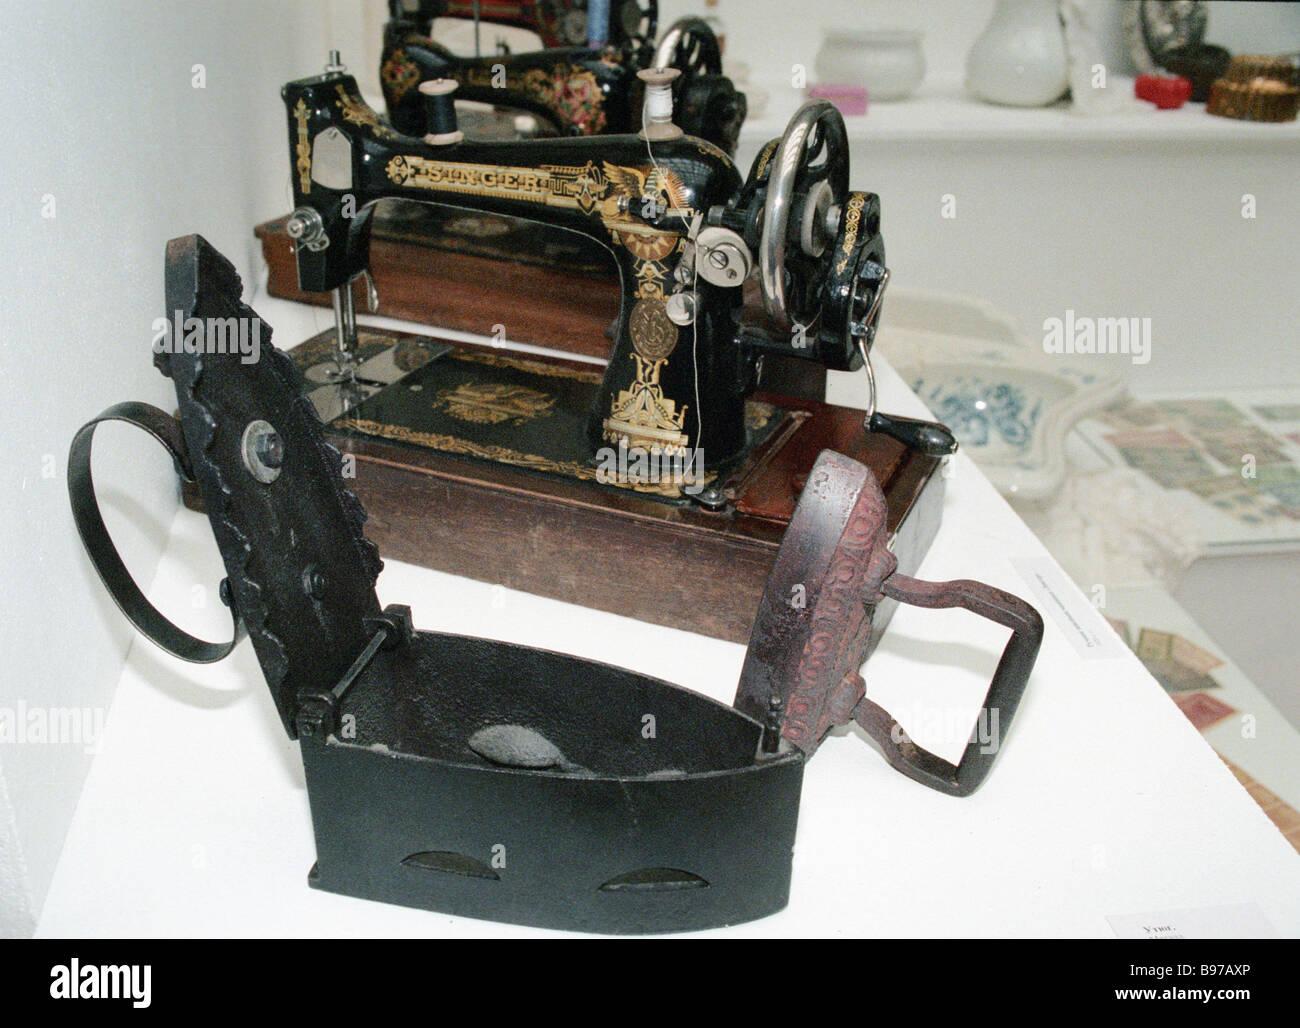 Un Zinger de principios del siglo XX, máquina de coser y plancha en la feria buena por el siglo XX en la sala Imagen De Stock